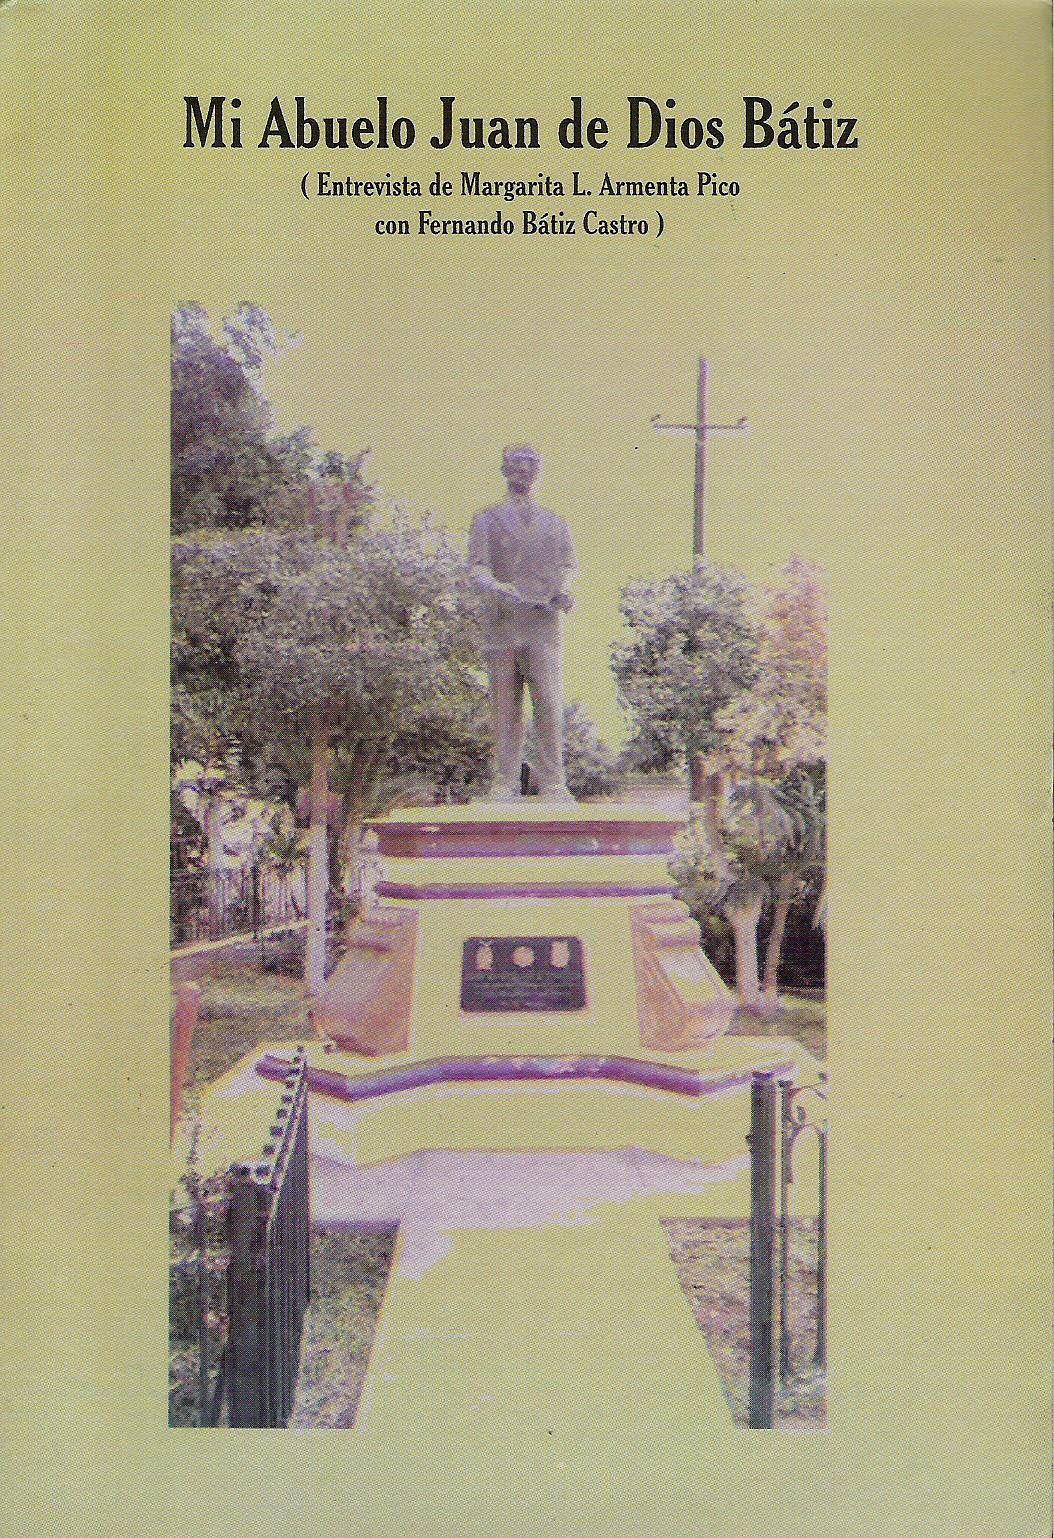 Mi abuelo Juan de Dios Btiz (Entrvista de Margarita L. Armenta Pico conFernando Btiz Castro)